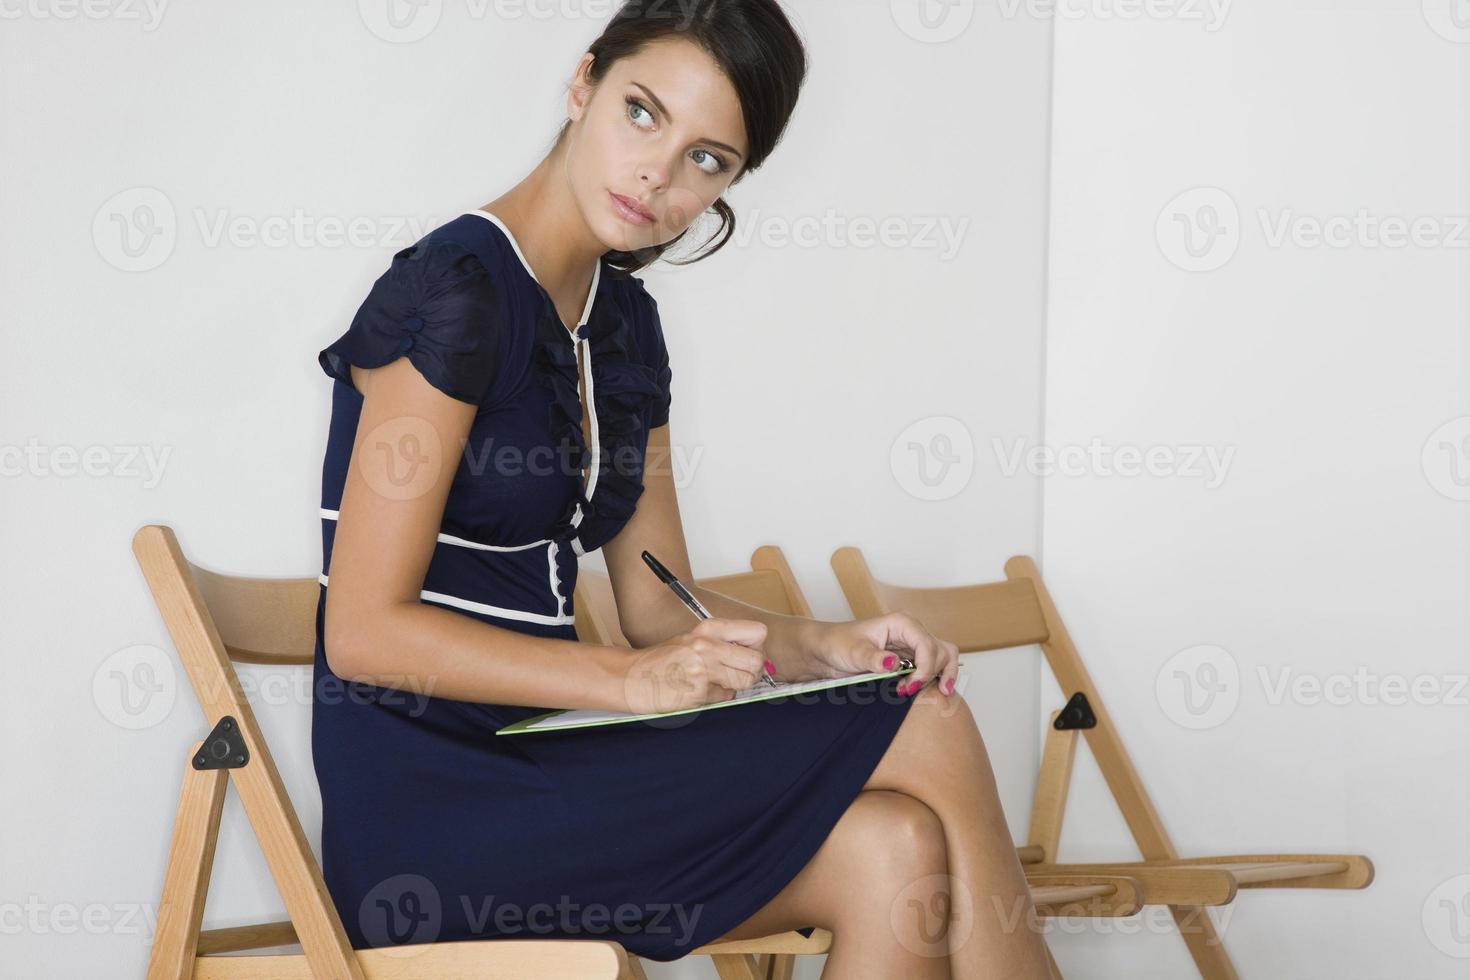 femme en robe bleue à l'écart photo